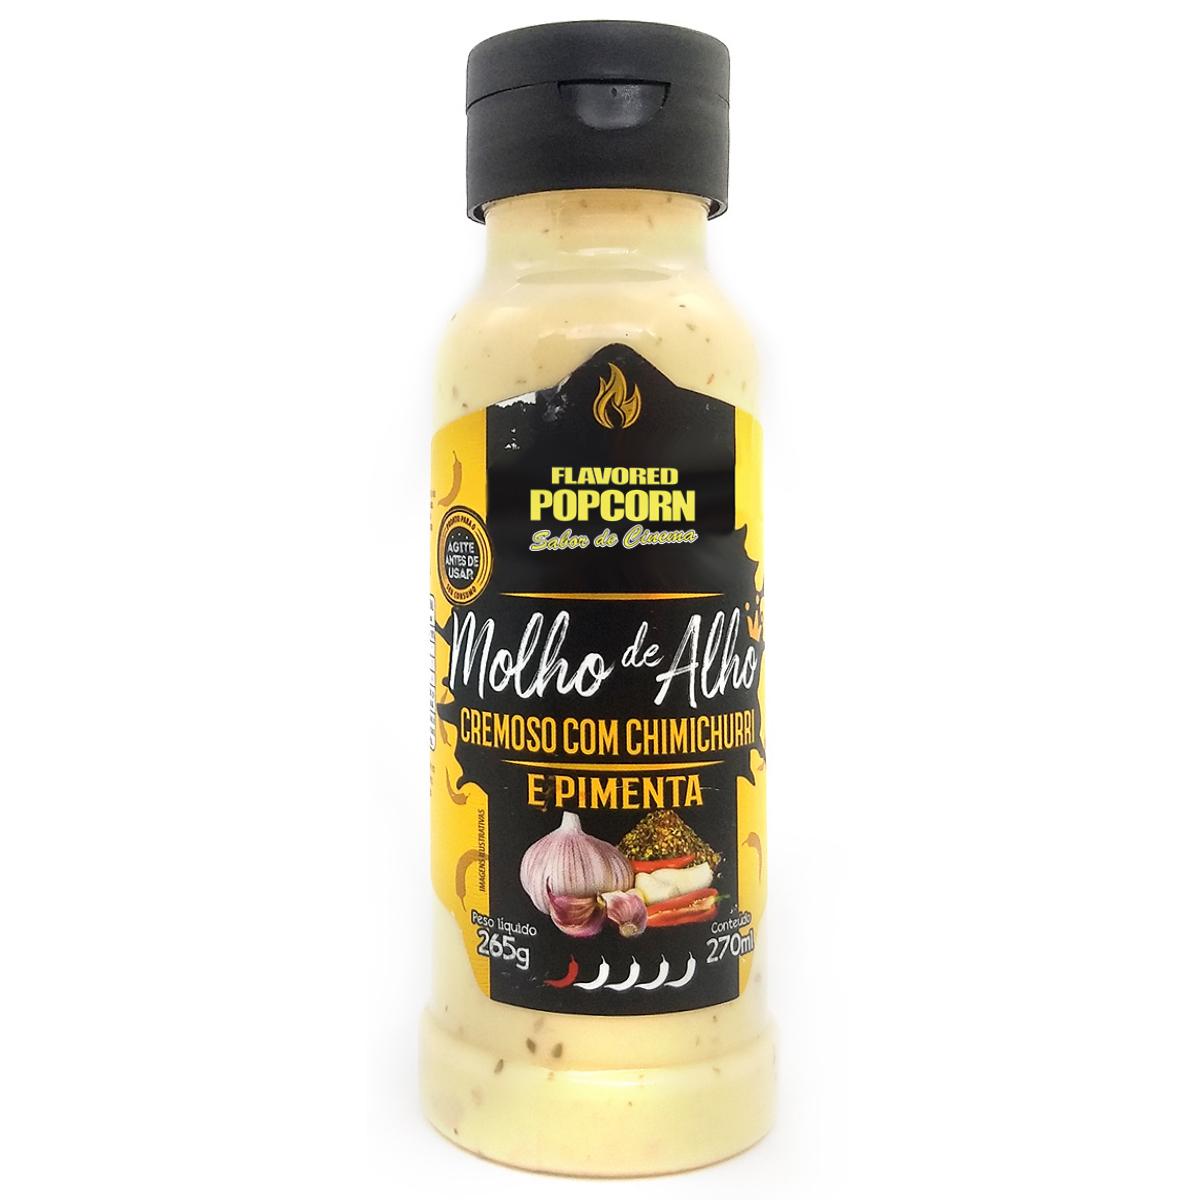 Molho de Alho Cremoso com Chimichurri e Pimenta Flavored Popcorn 270 ml.